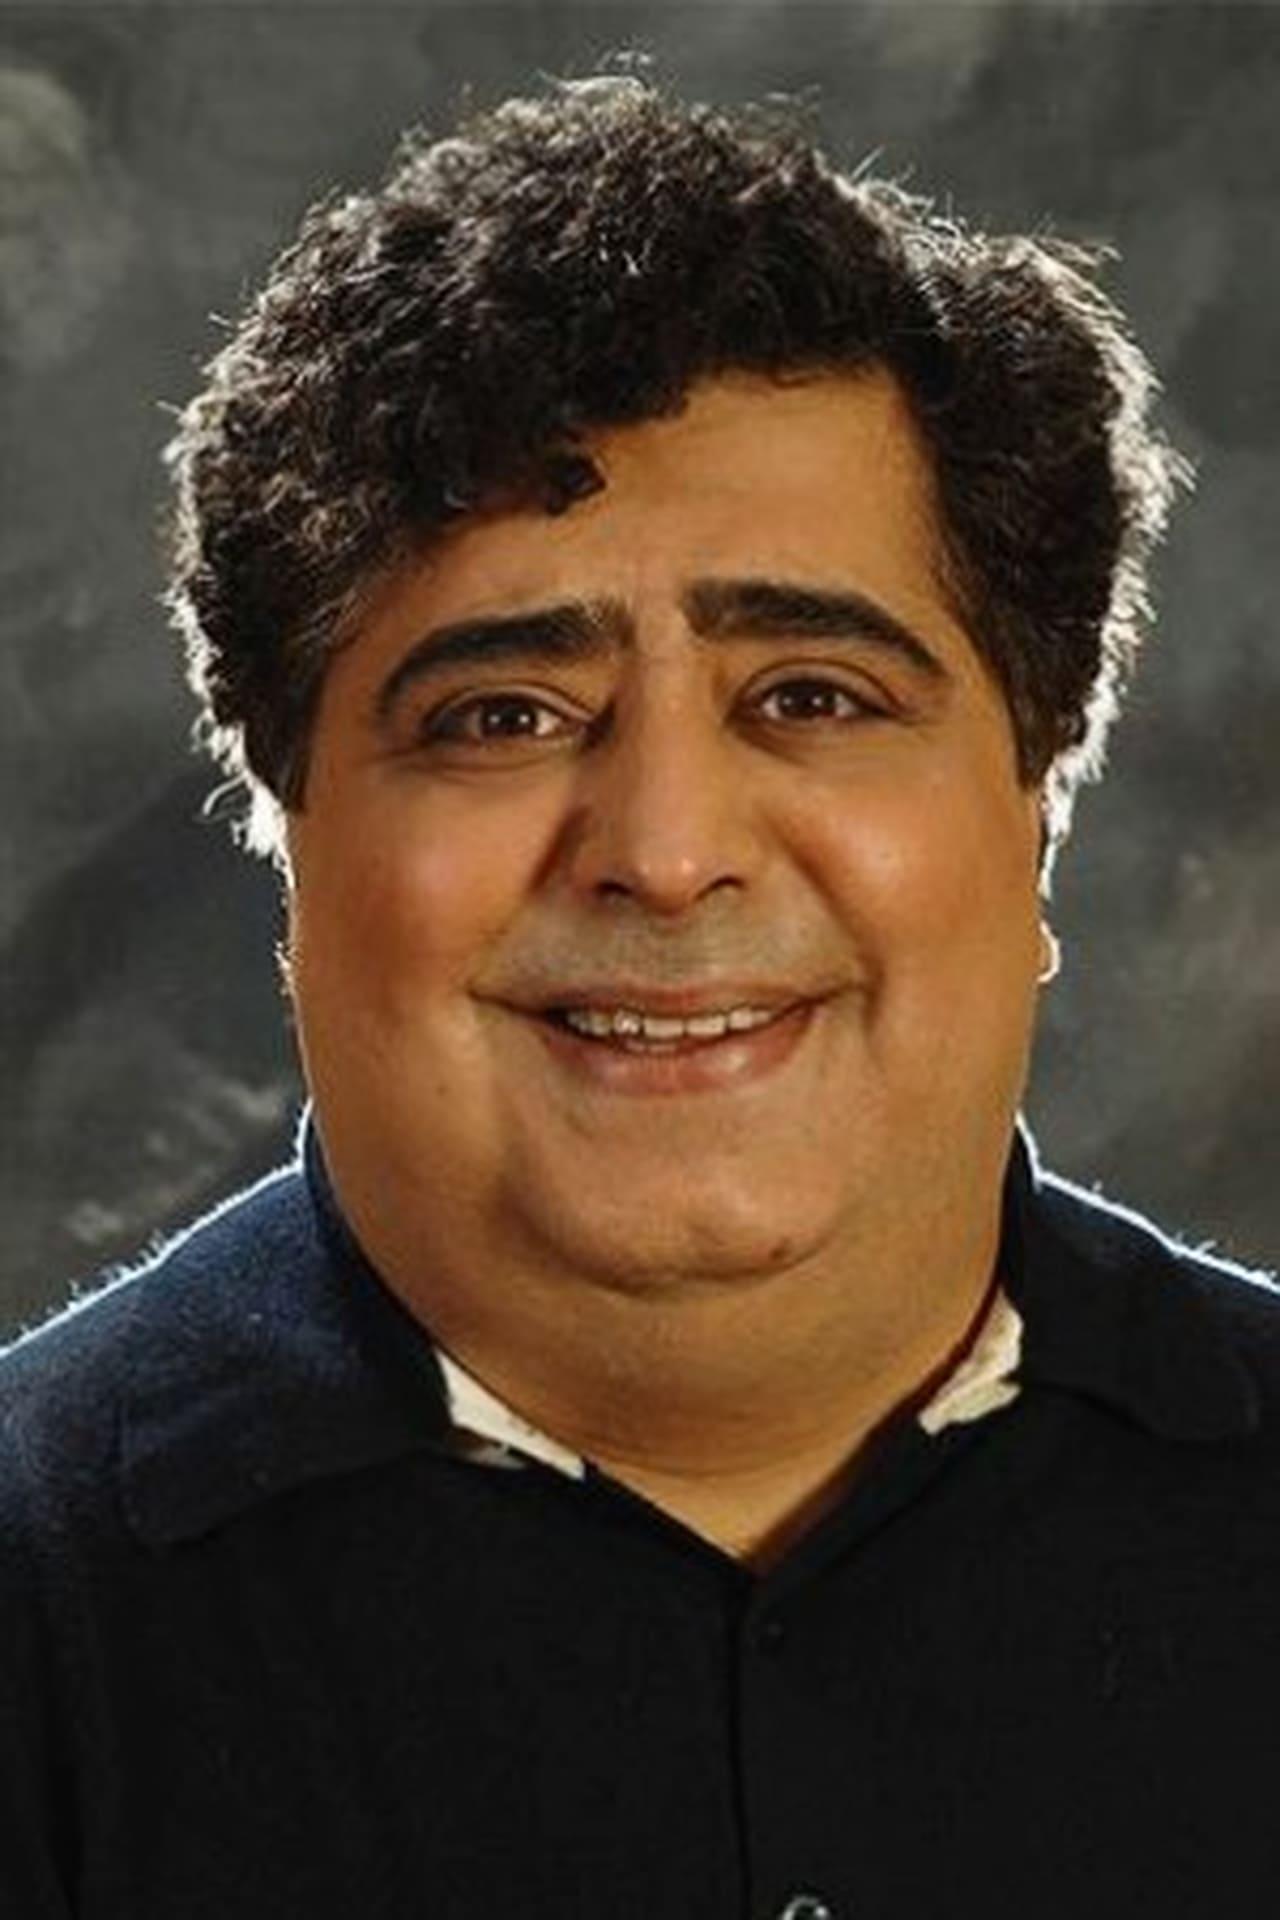 Reza Shafiei Jam